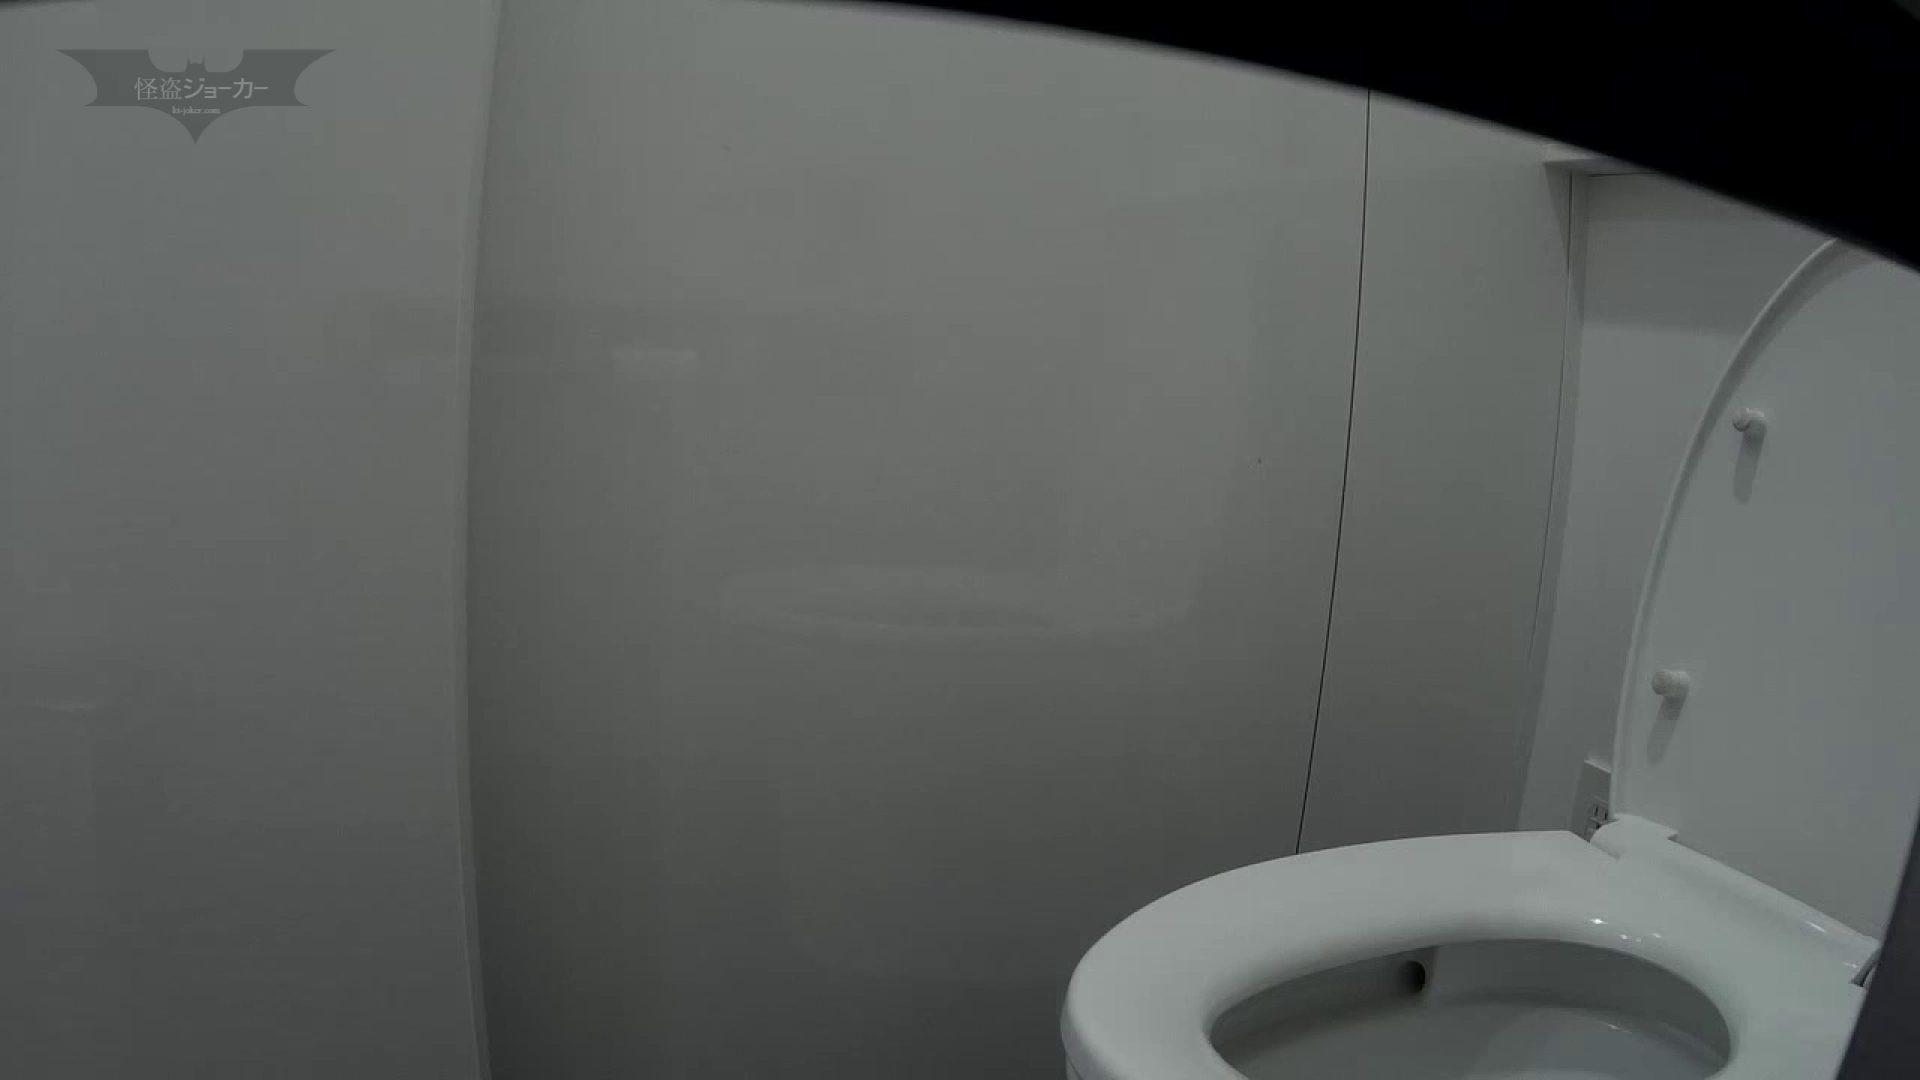 有名大学女性洗面所 vol.57 S級美女マルチアングル撮り!! 潜入   和式  88PIX 1